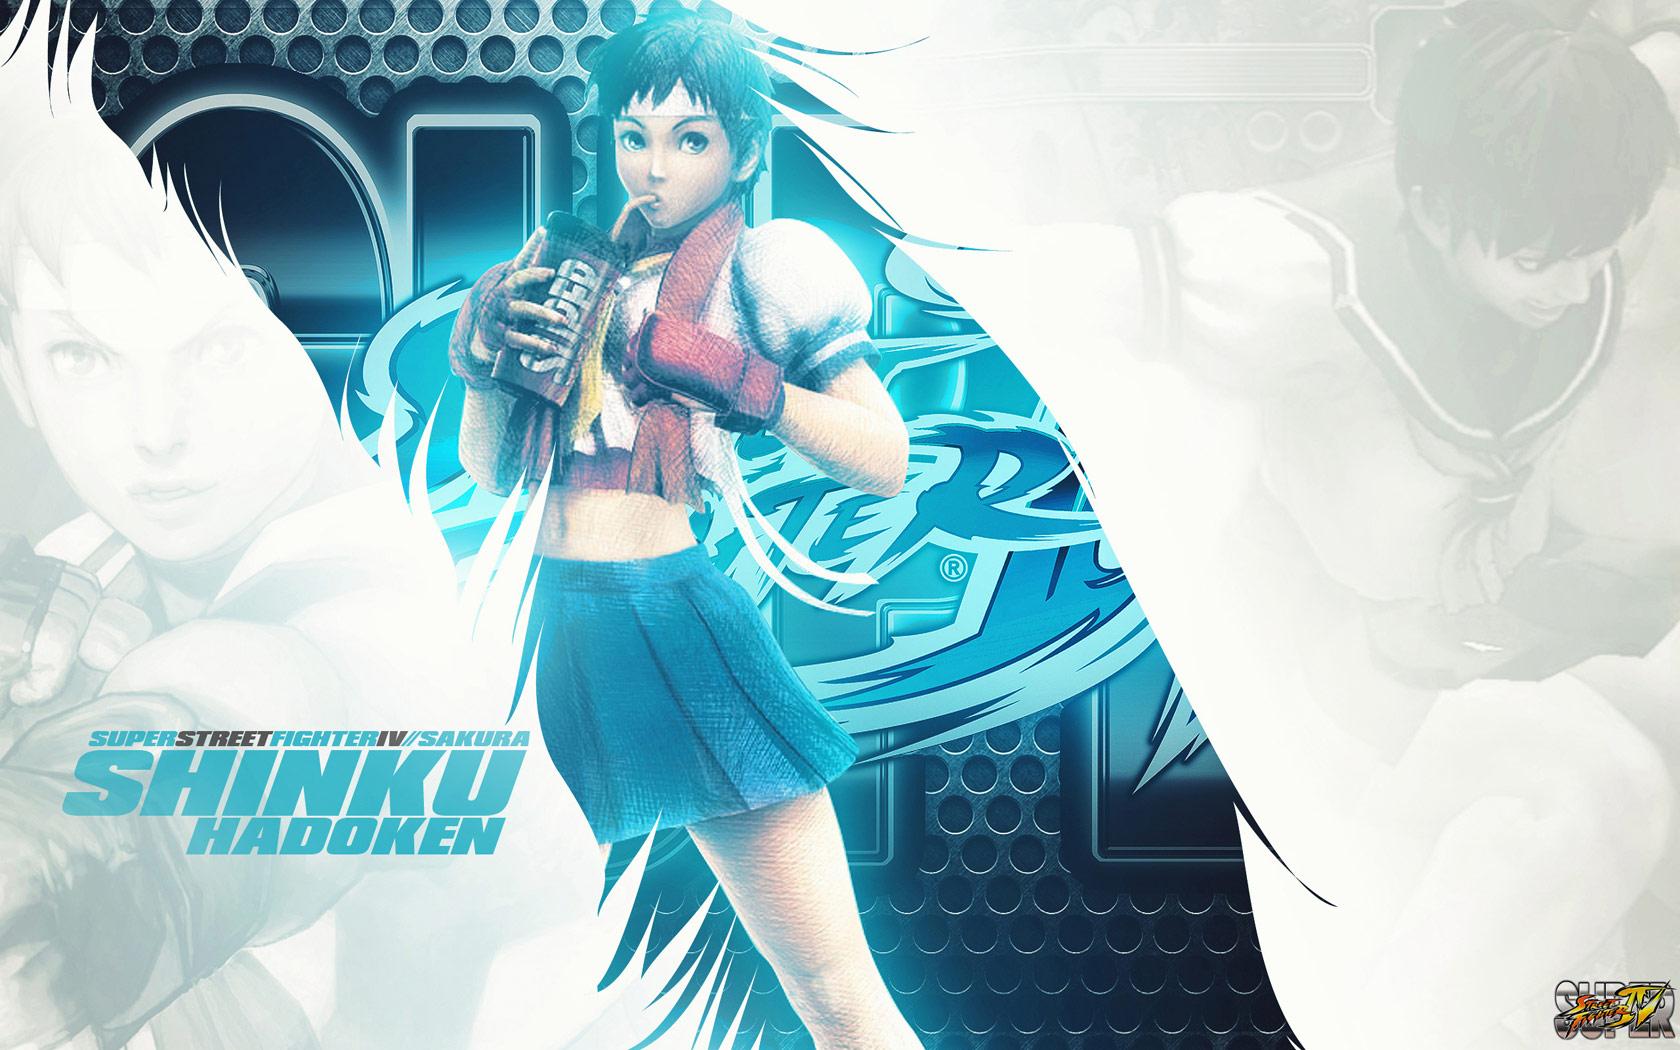 Sakura Super Street Fighter 4 wallpaper by BossLogic